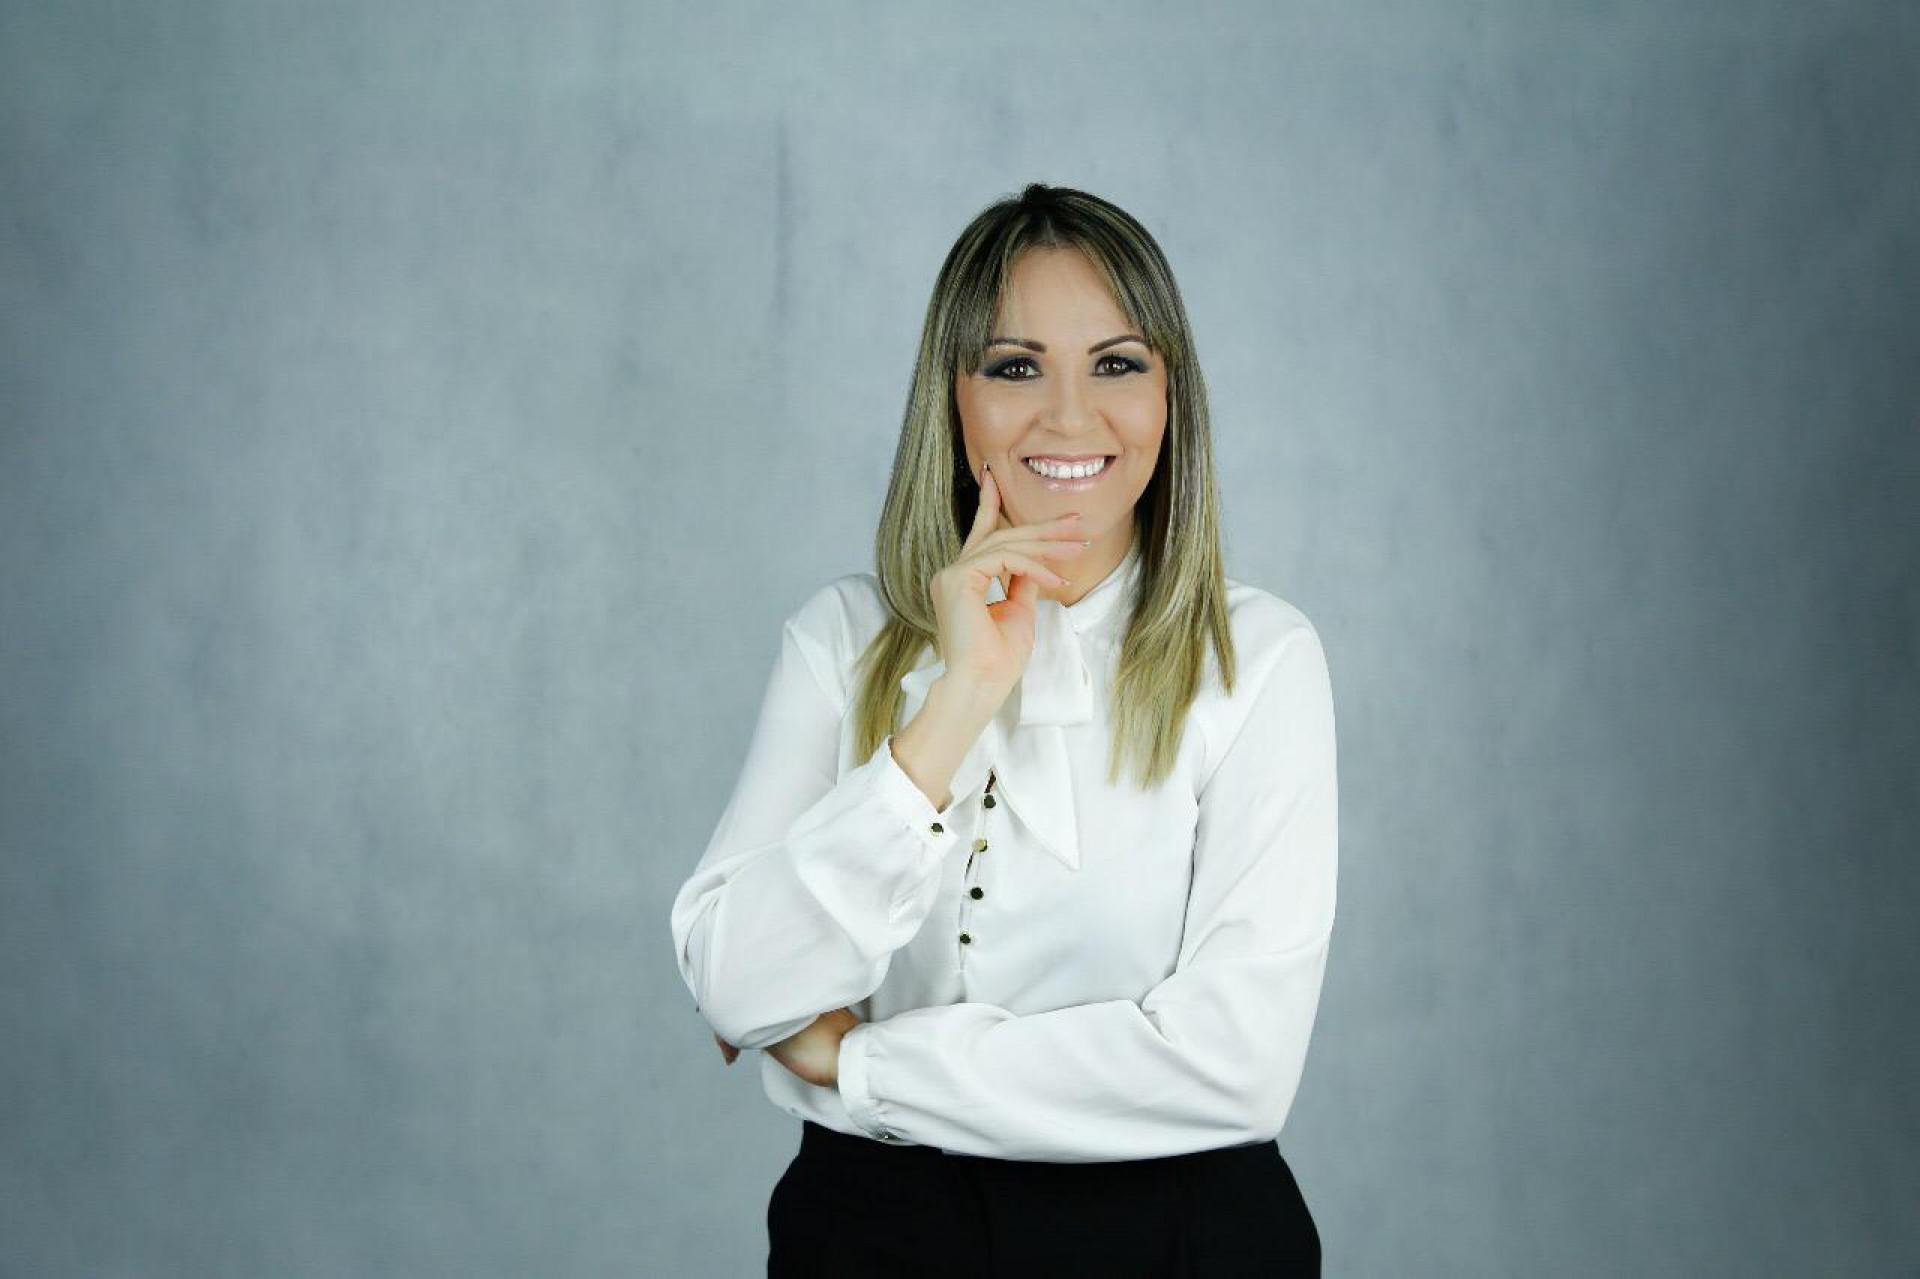 Cristiane Campos, diretora executiva da Contracte Consultoria e diretora franqueada da BiUP, criou a Contracte ao perceber a necessidade de desenvolver o capital humano nas organizações